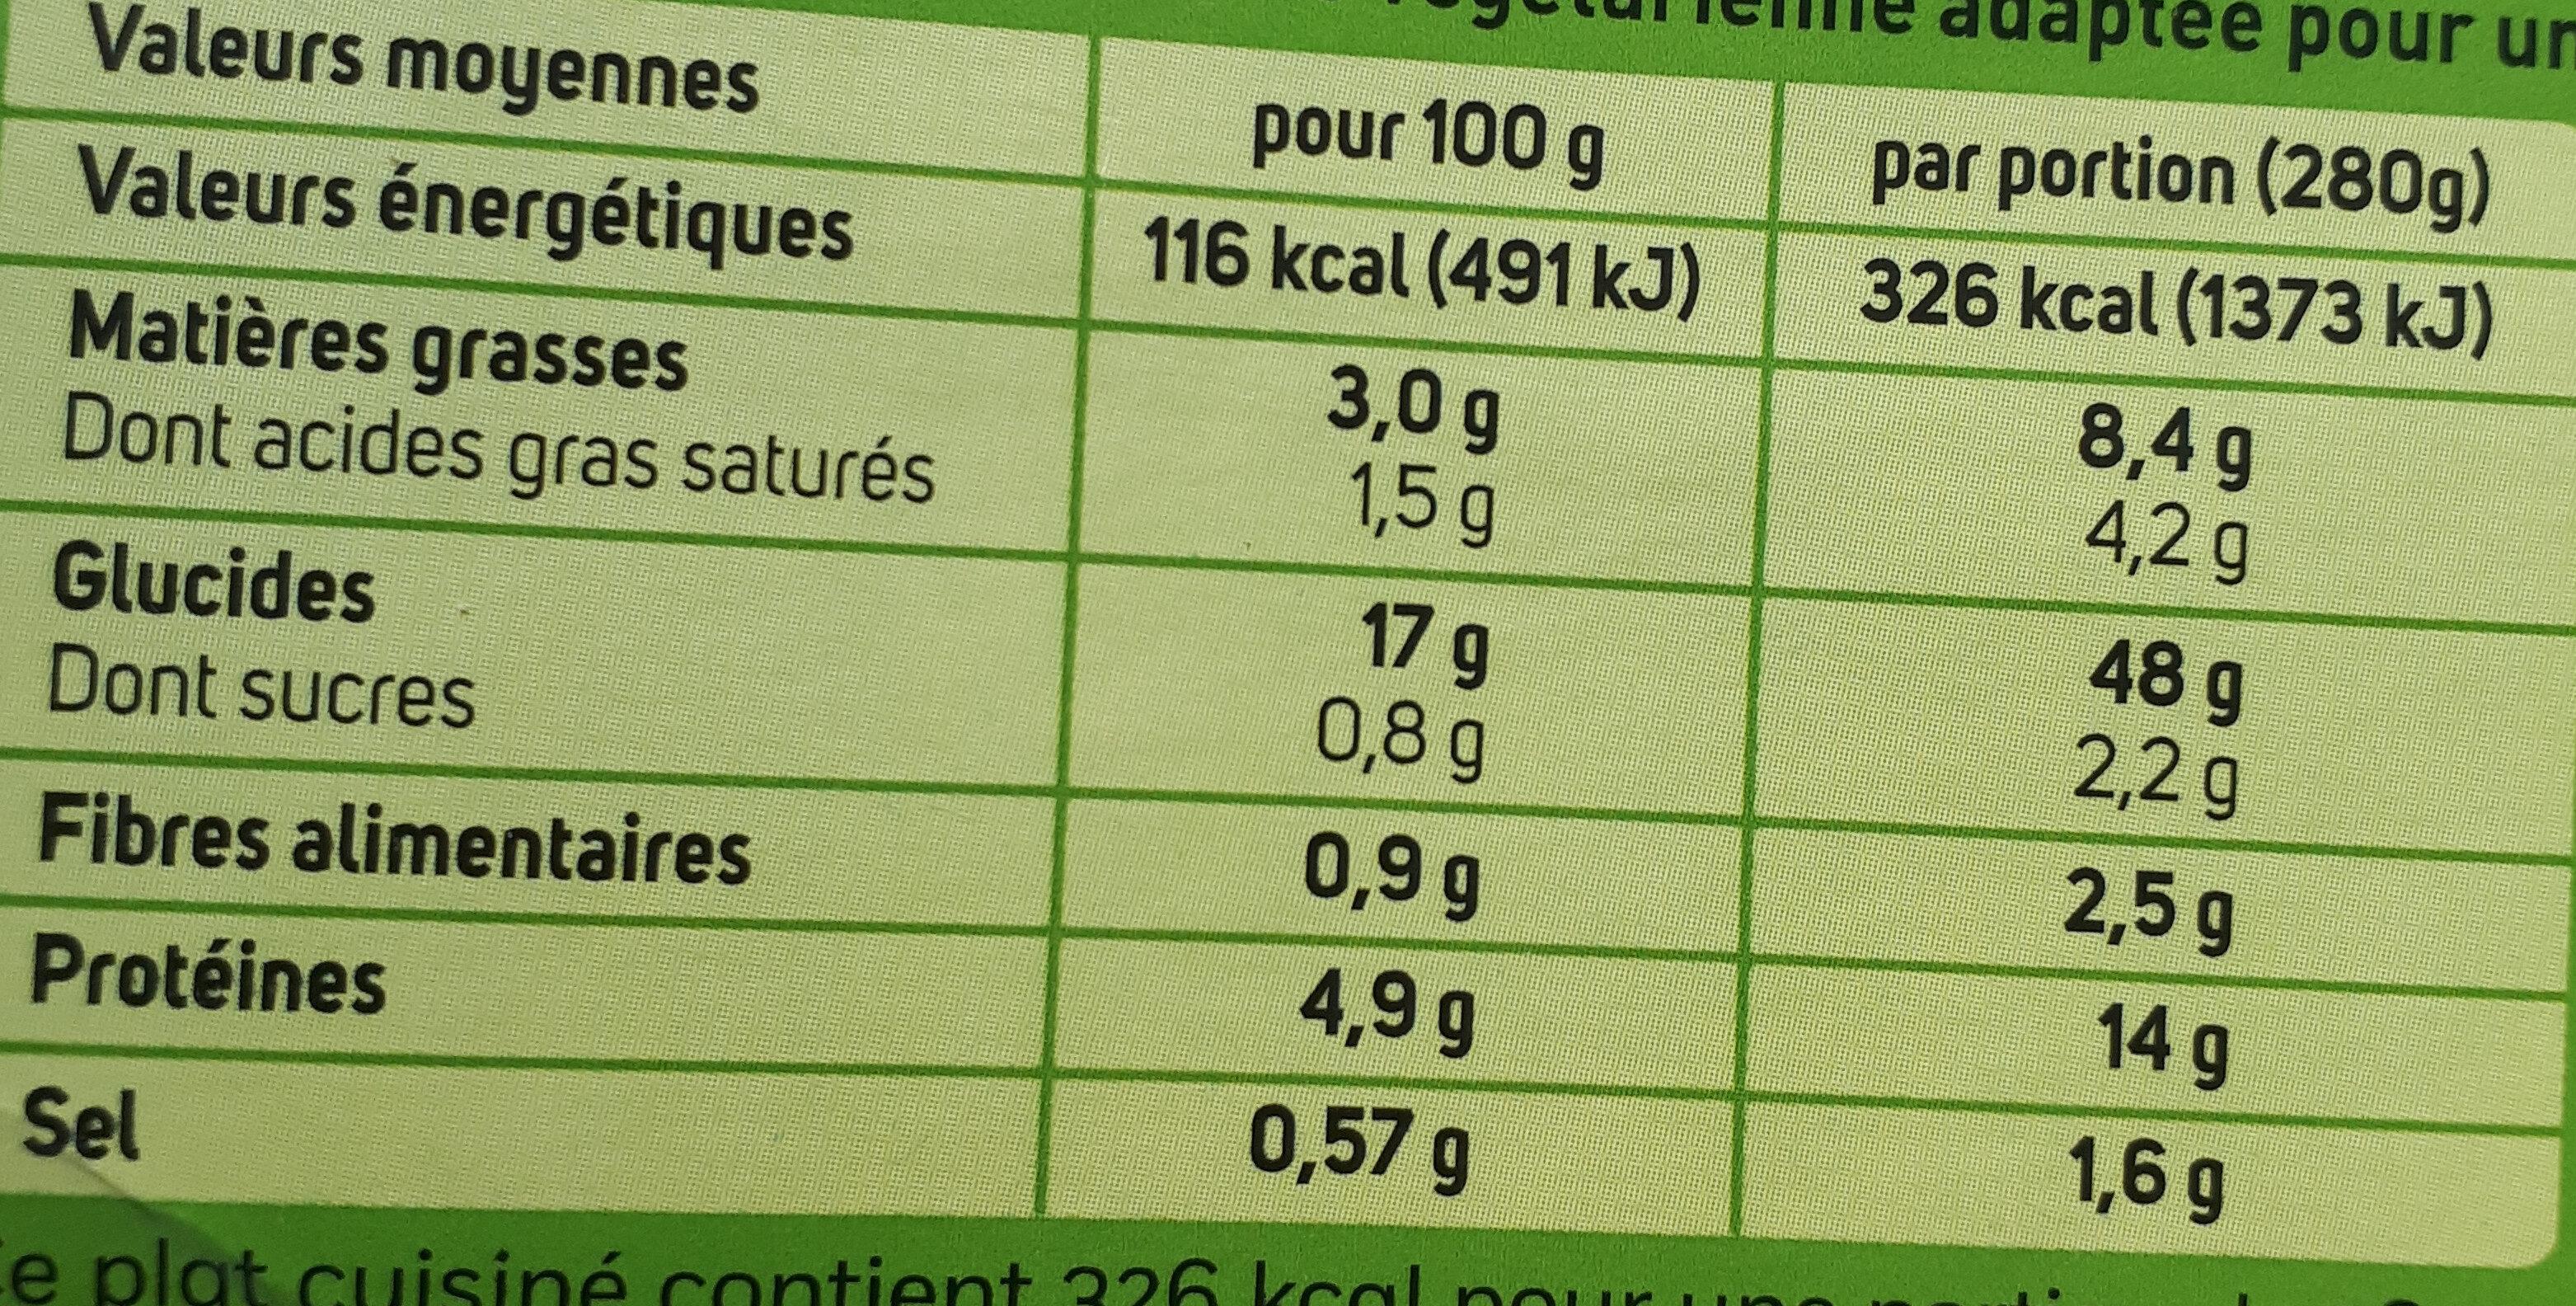 Rigatoni au chèvre et épinards à la crème - Nutrition facts - fr